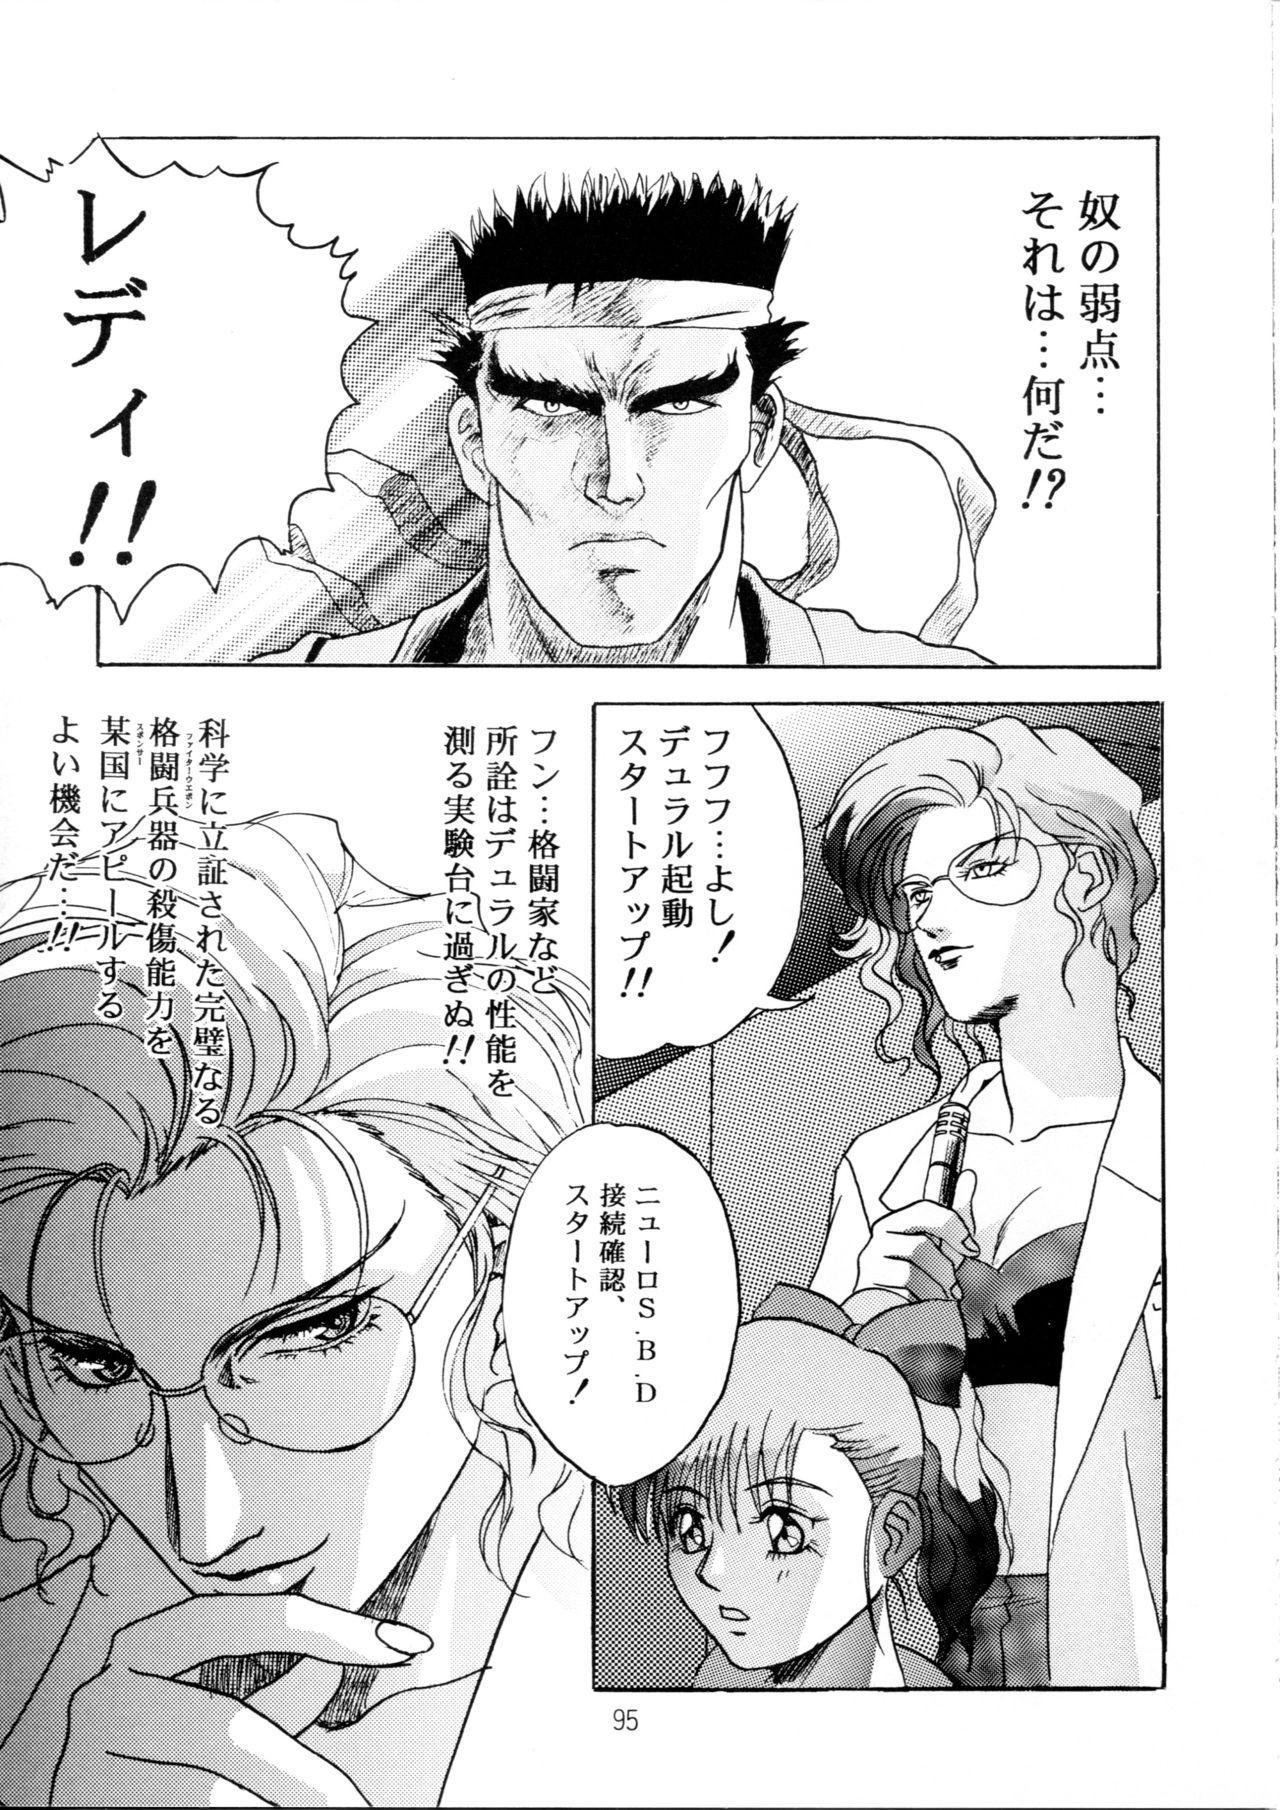 Henreikai Special Vol. 9 92